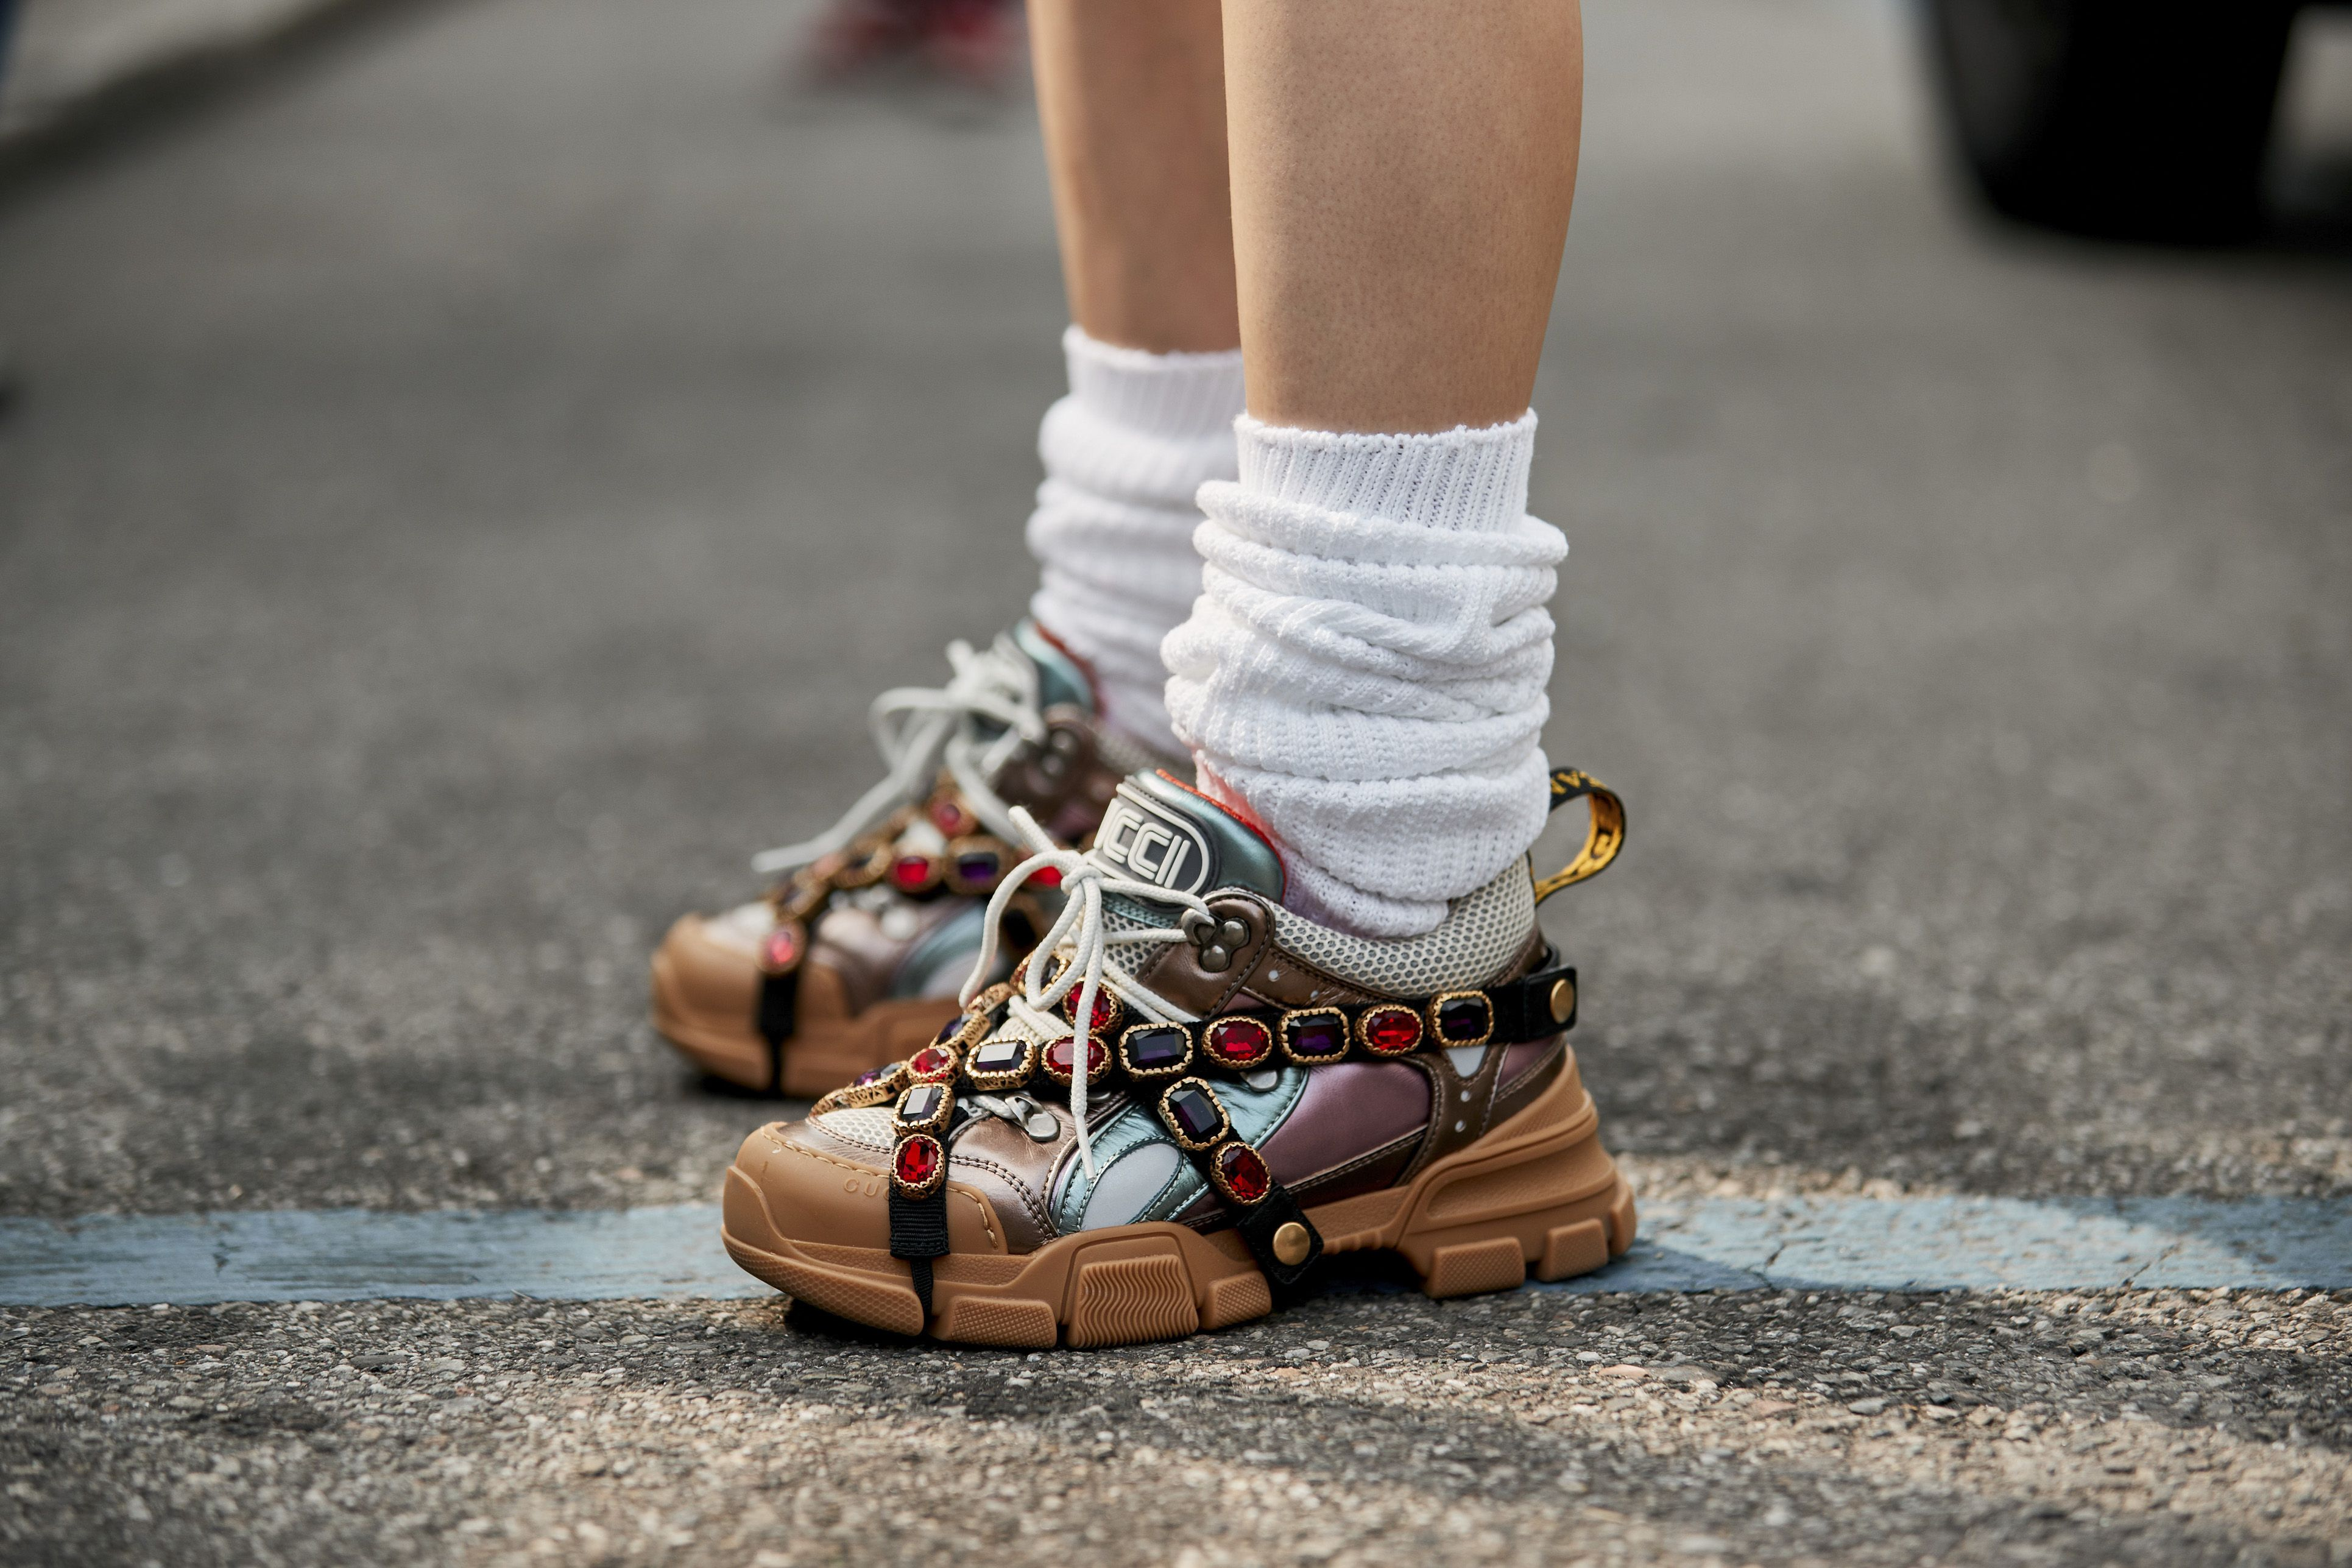 Da sneakers donna a chunker: questa è pura moda estate 2019